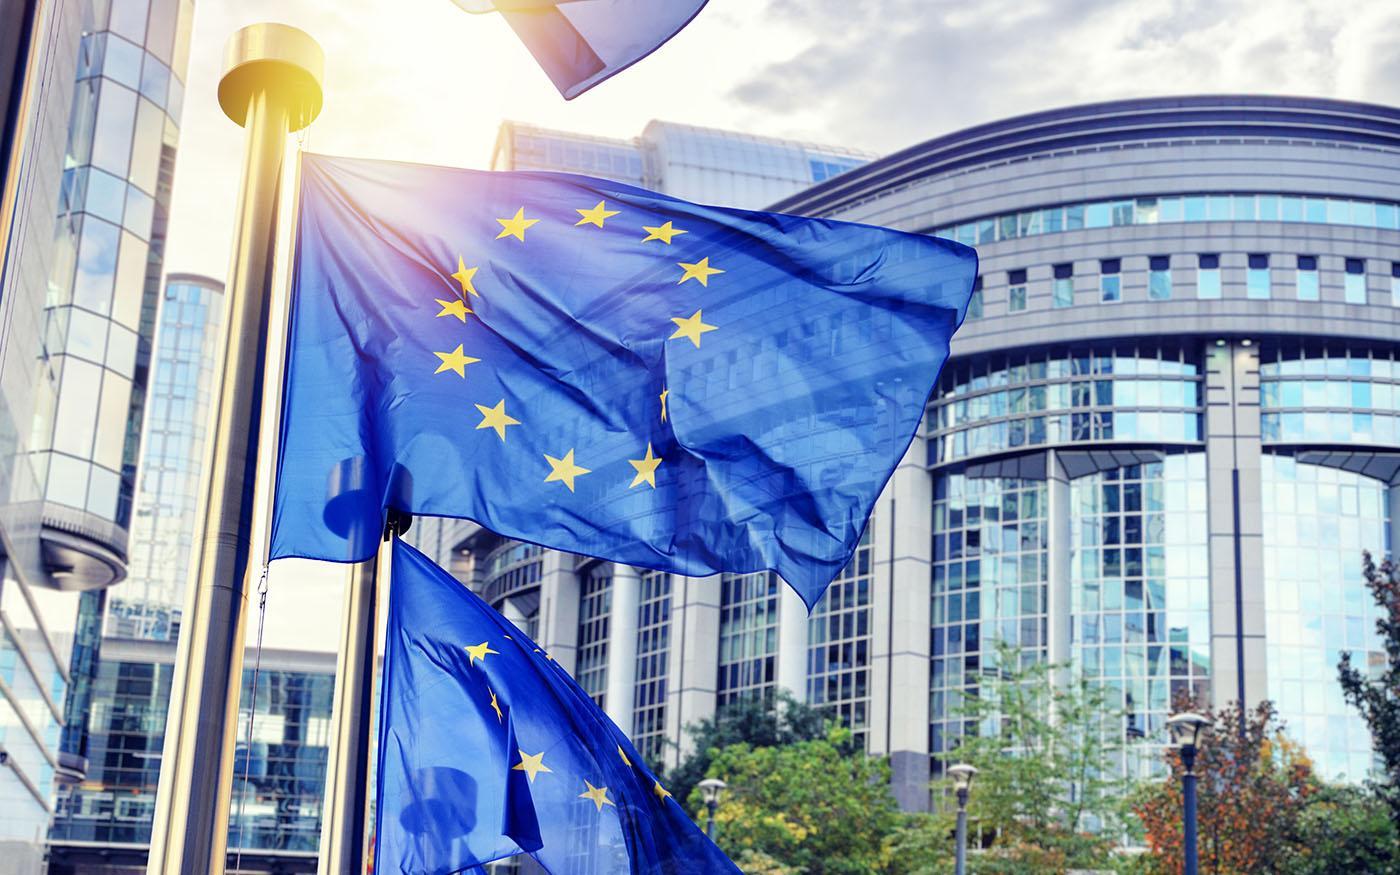 L'Union Européenne publie des statistiques relatives à l'utilisation des animaux à des fins expérimentales